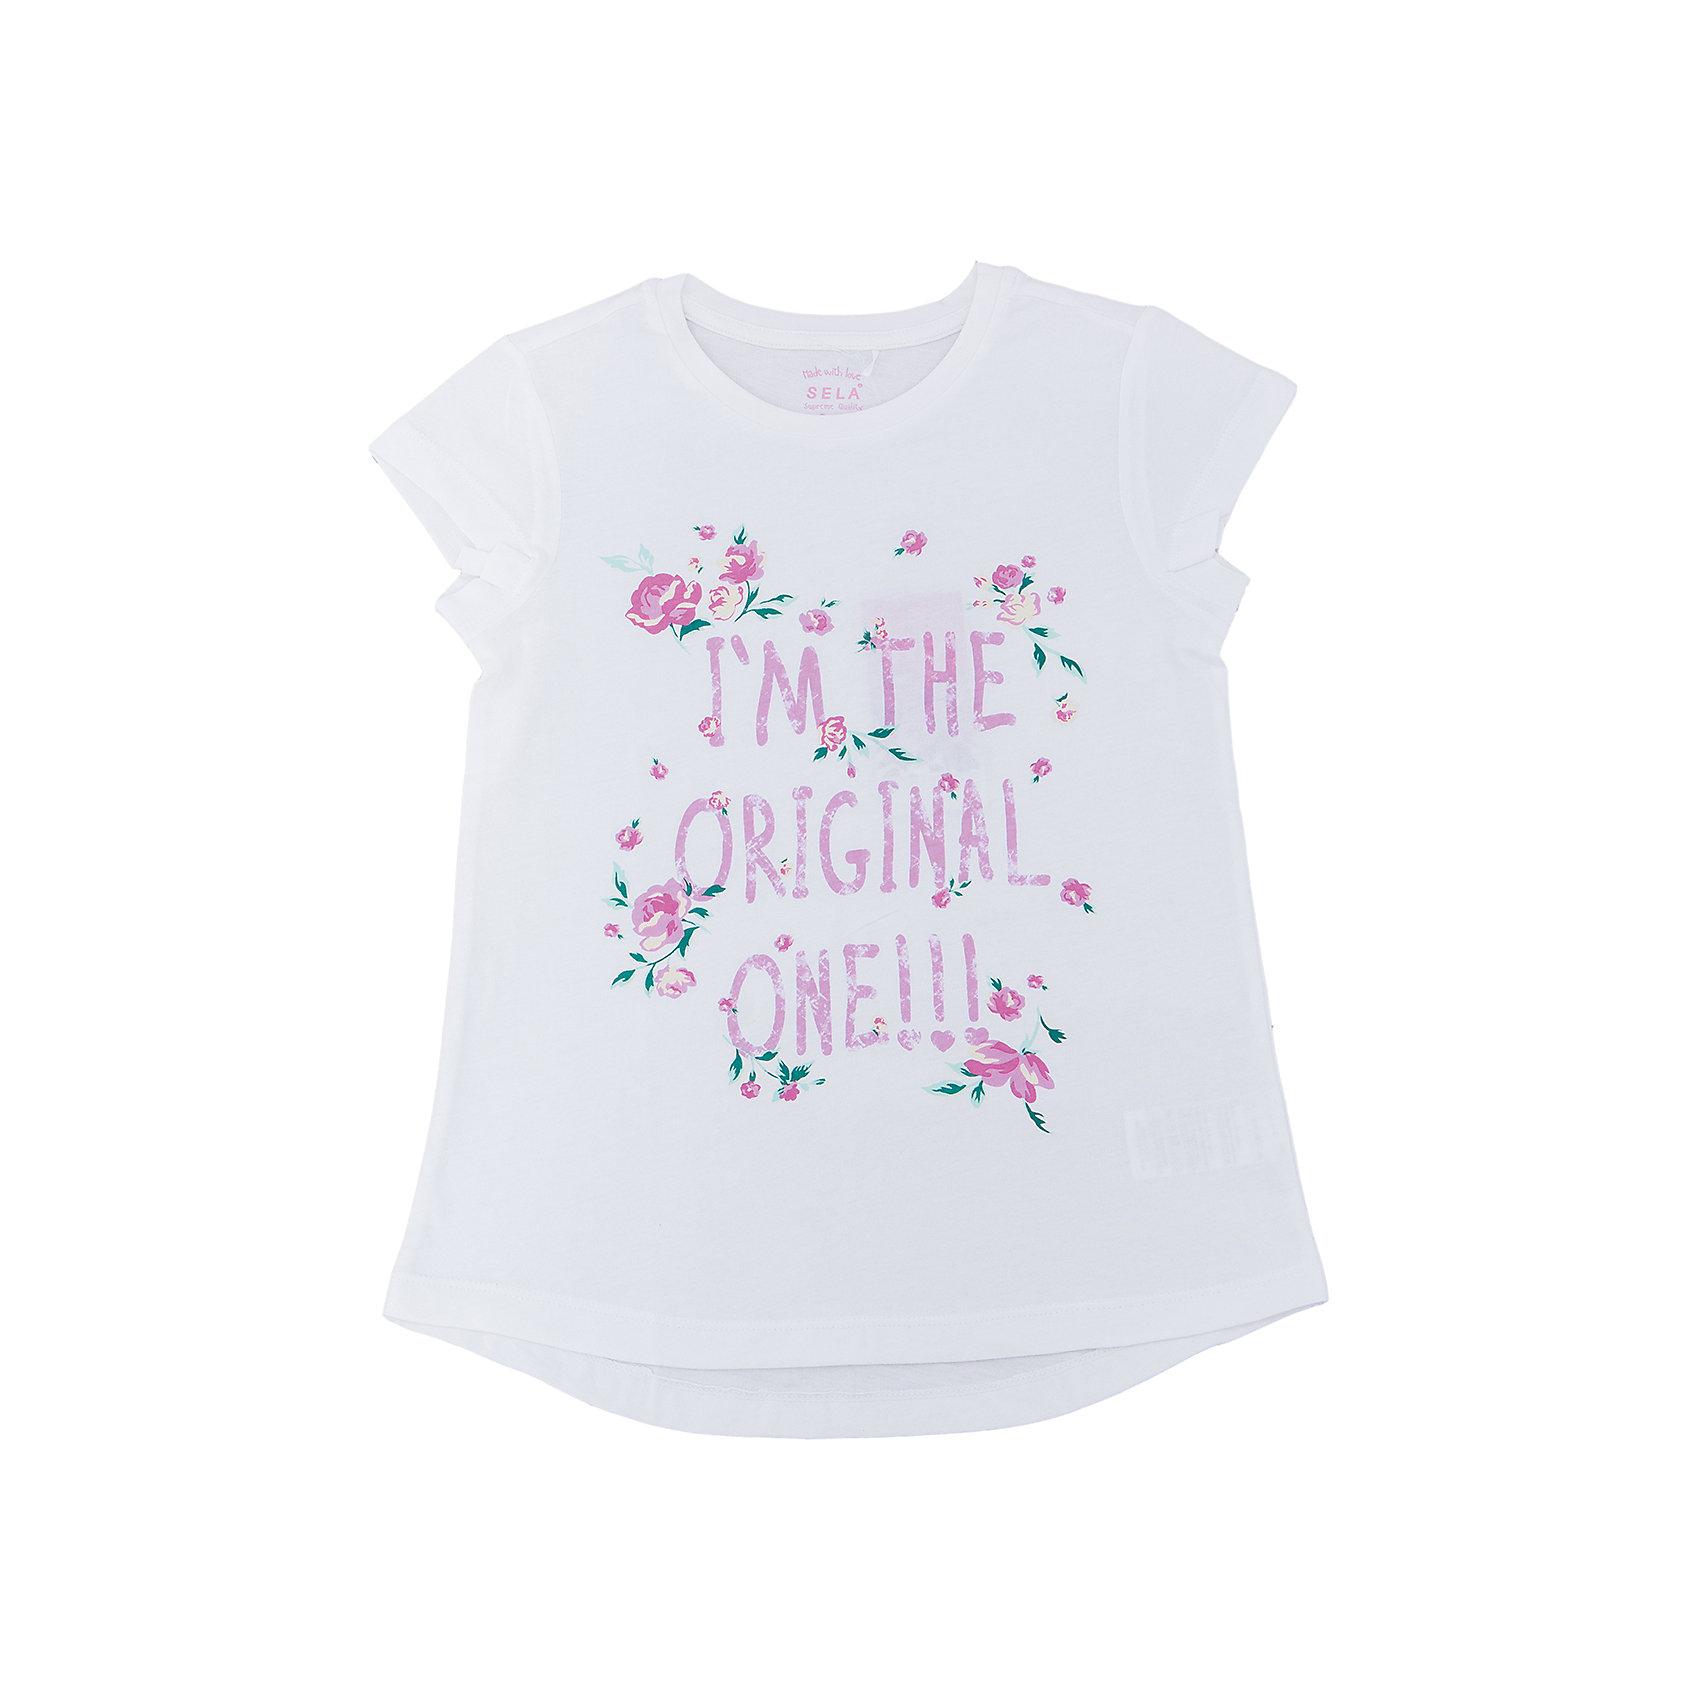 Футболка для девочки SELAФутболки, поло и топы<br>Характеристики товара:<br><br>• цвет: белый<br>• состав: 100% хлопок<br>• принт<br>• короткие рукава<br>• округлый горловой вырез<br>• страна бренда: Российская Федерация<br><br>В новой коллекции SELA отличные модели одежды! Эта футболка для девочки поможет разнообразить гардероб ребенка и обеспечить комфорт. Она отлично сочетается с юбками и брюками. Стильная и удобная вещь!<br><br>Футболку для девочки от популярного бренда SELA (СЕЛА) можно купить в нашем интернет-магазине.<br><br>Ширина мм: 230<br>Глубина мм: 40<br>Высота мм: 220<br>Вес г: 250<br>Цвет: белый<br>Возраст от месяцев: 96<br>Возраст до месяцев: 108<br>Пол: Женский<br>Возраст: Детский<br>Размер: 134,140,146,152,122,128<br>SKU: 5303649